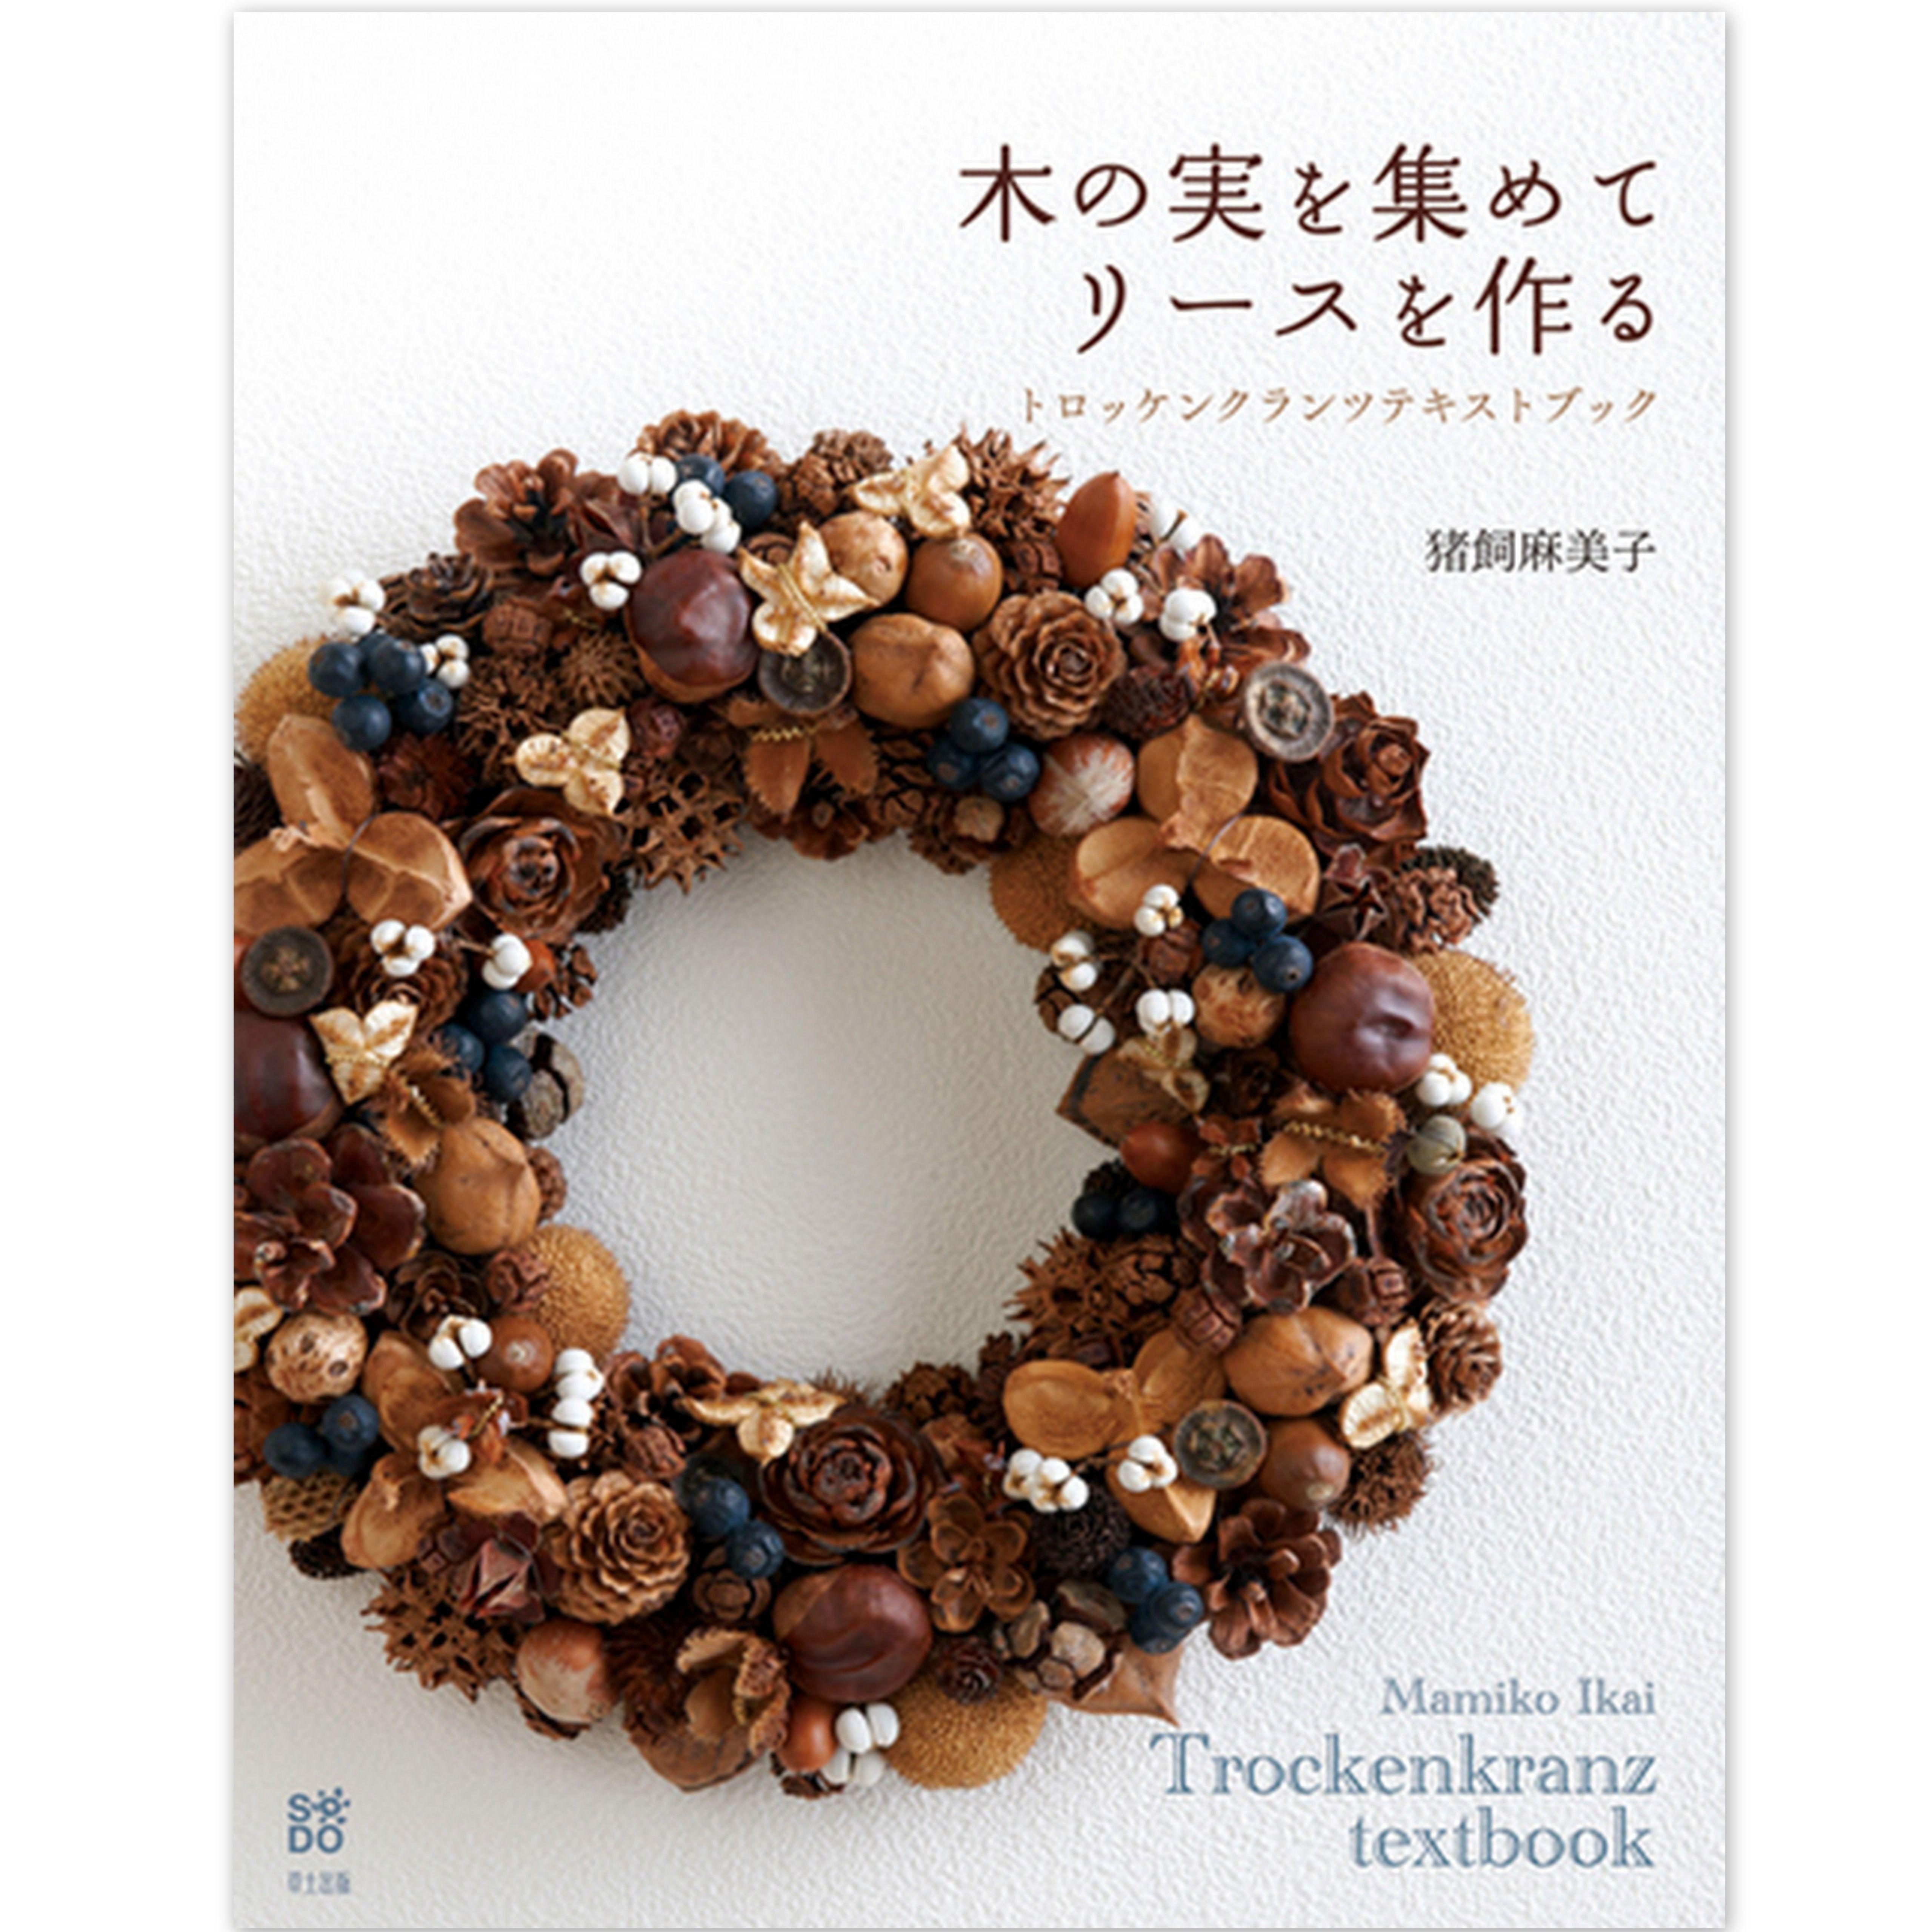 【送料無料】トロッケンクランツの本「木の実を集めてリースを作る」